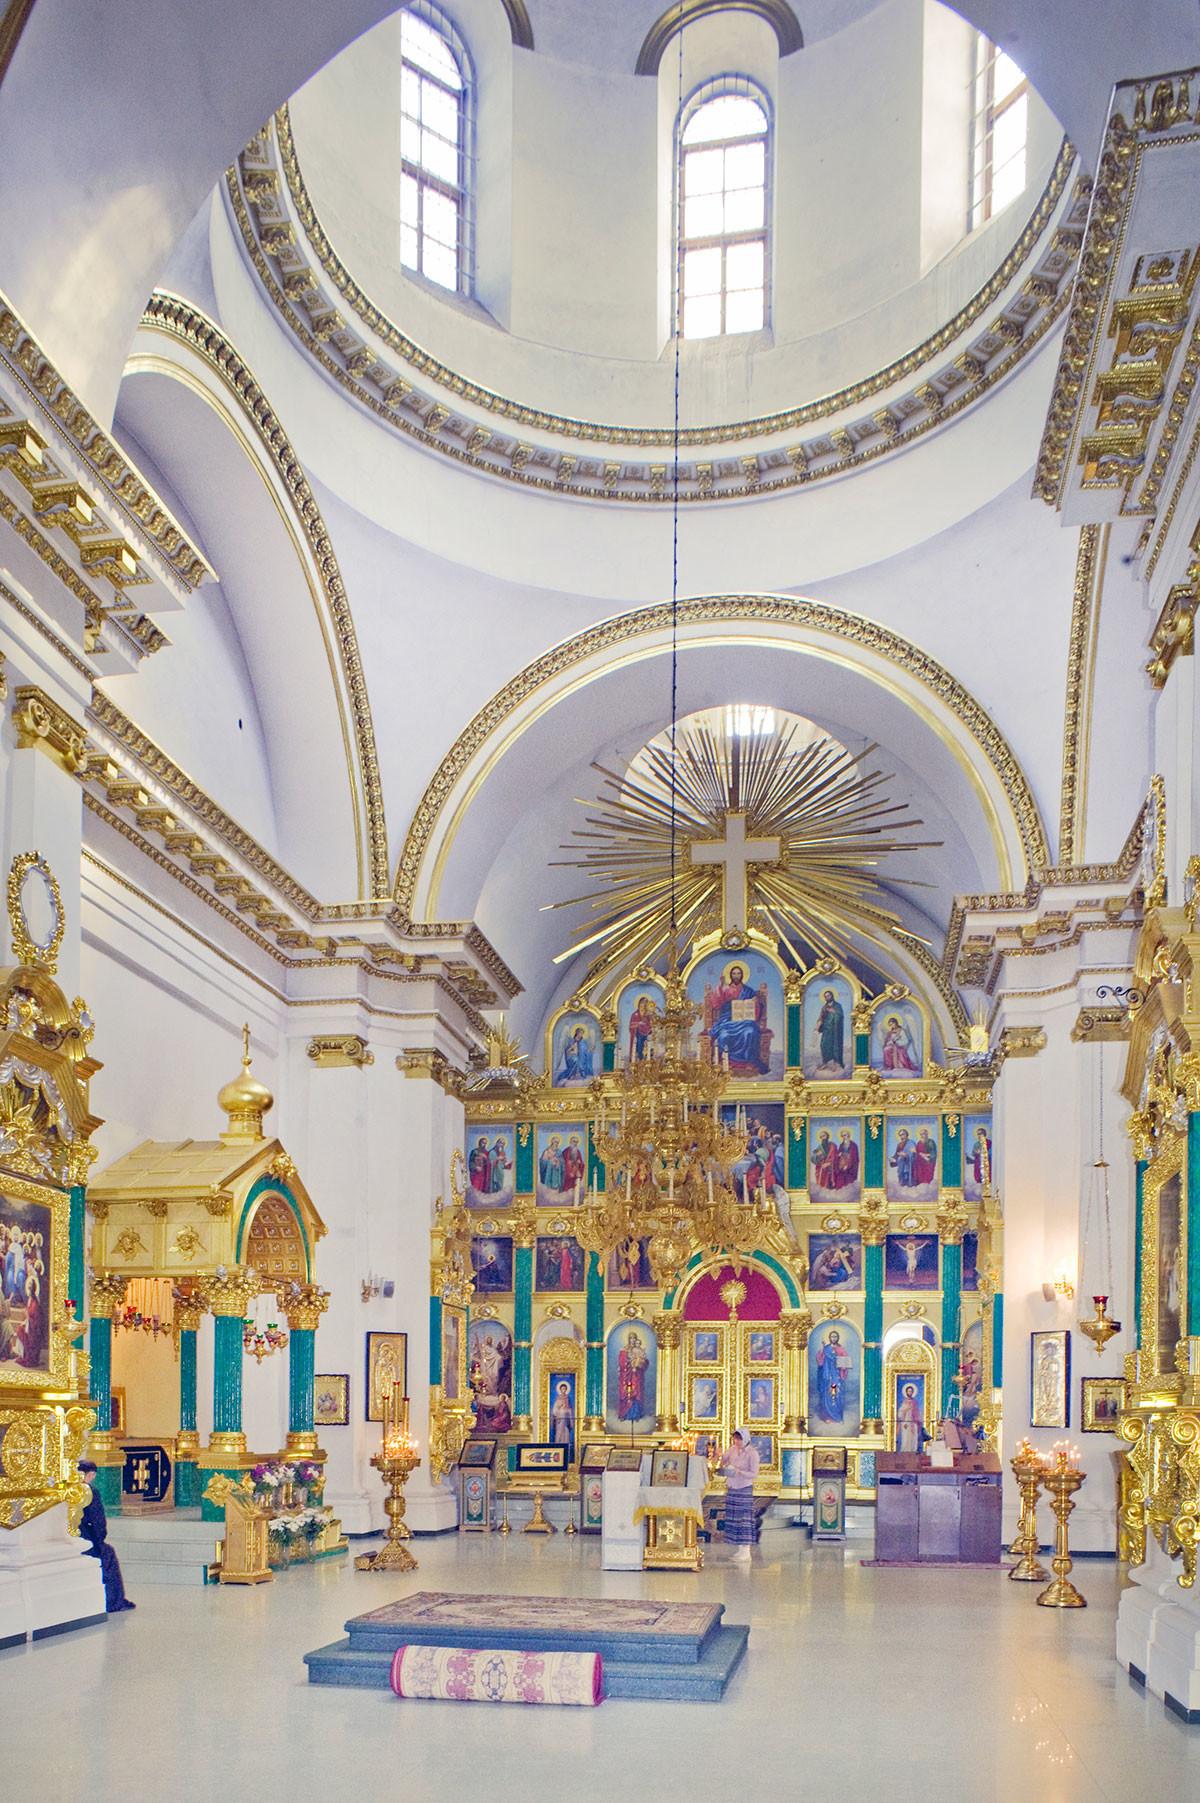 Cathédrale de l'Épiphanie. Intérieur, vue vers l'est en direction du dôme principal et de l'iconostase